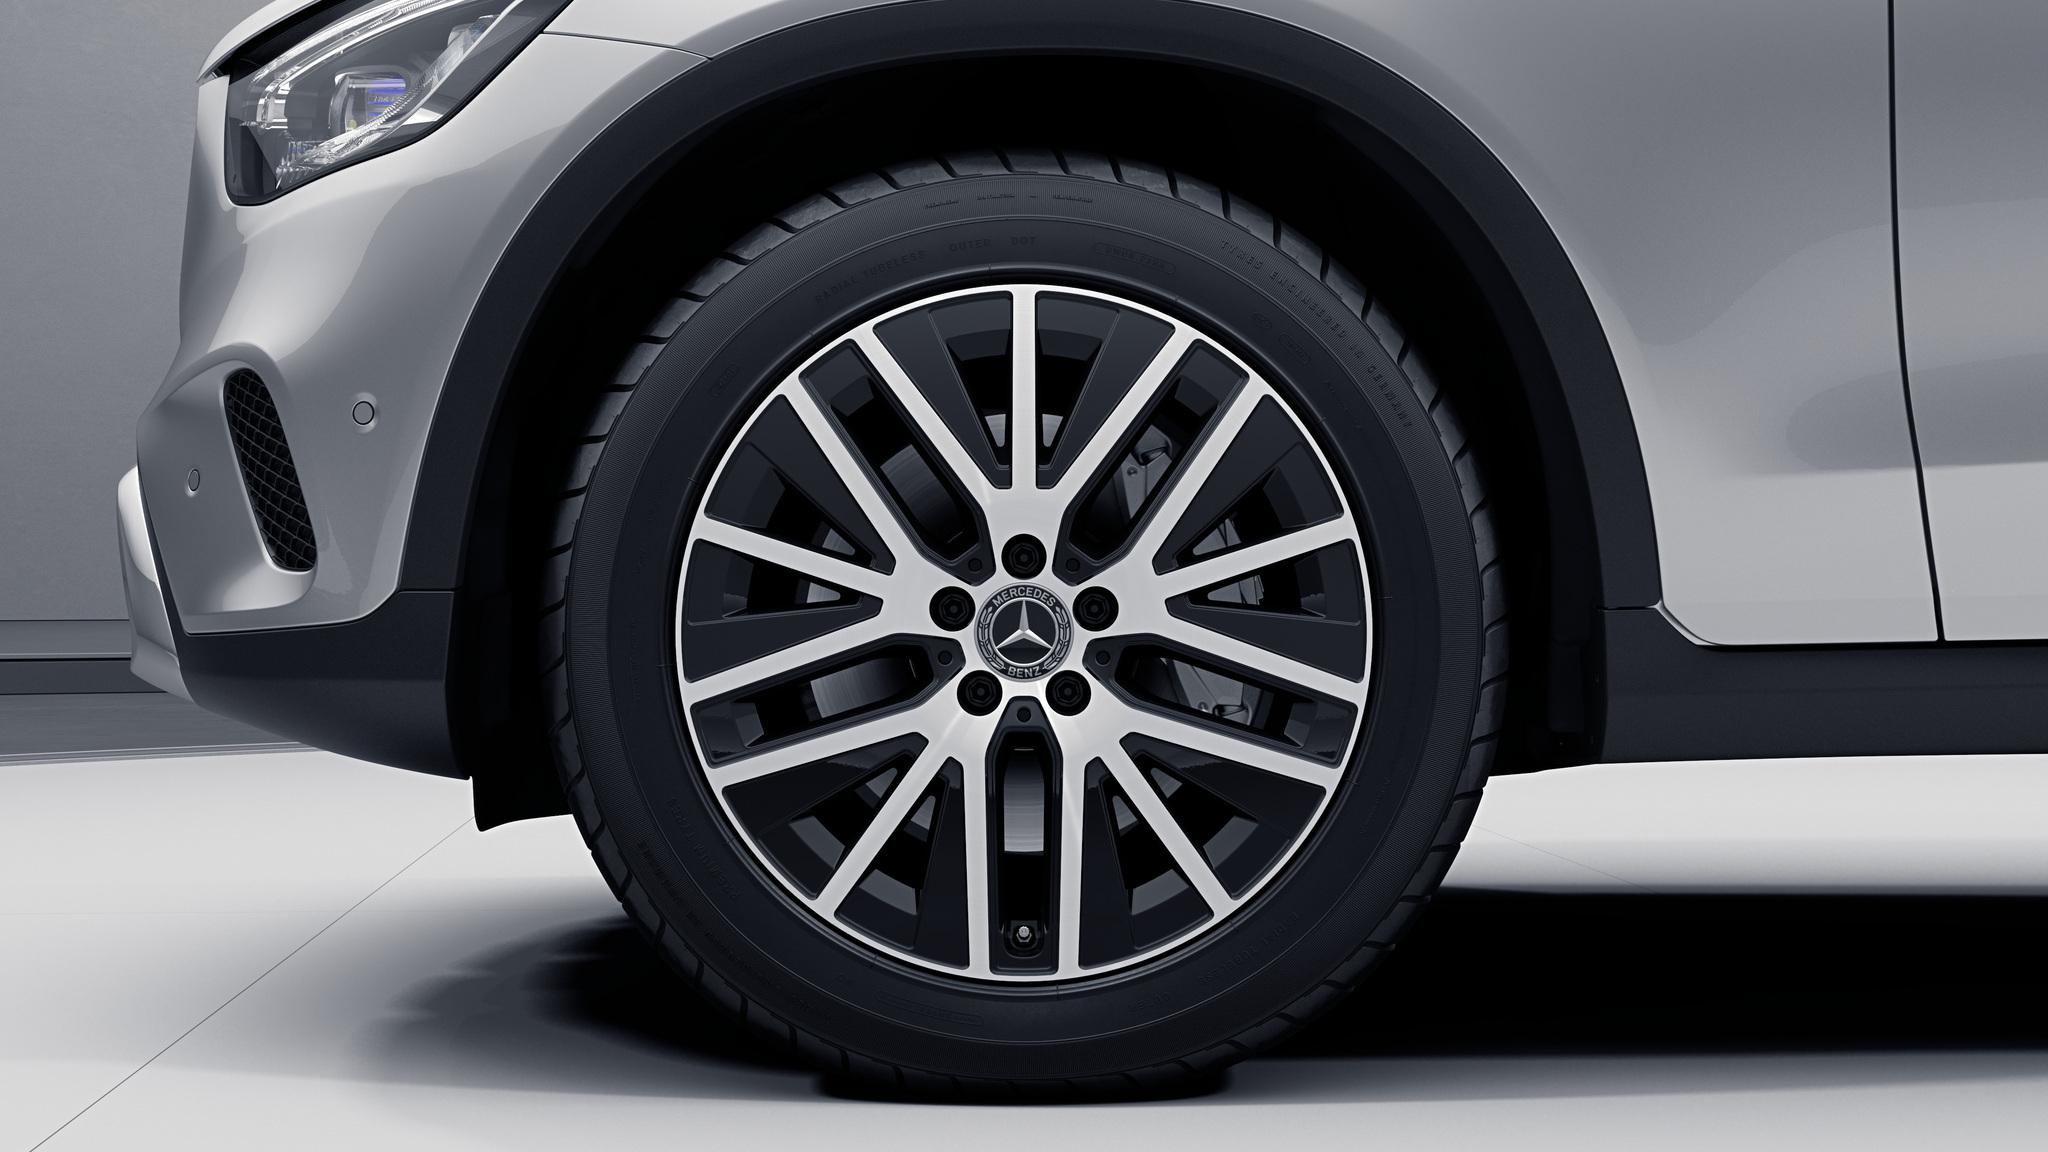 Jantes de la Mercedes-Benz GLC Coupé Finition Avantgarde